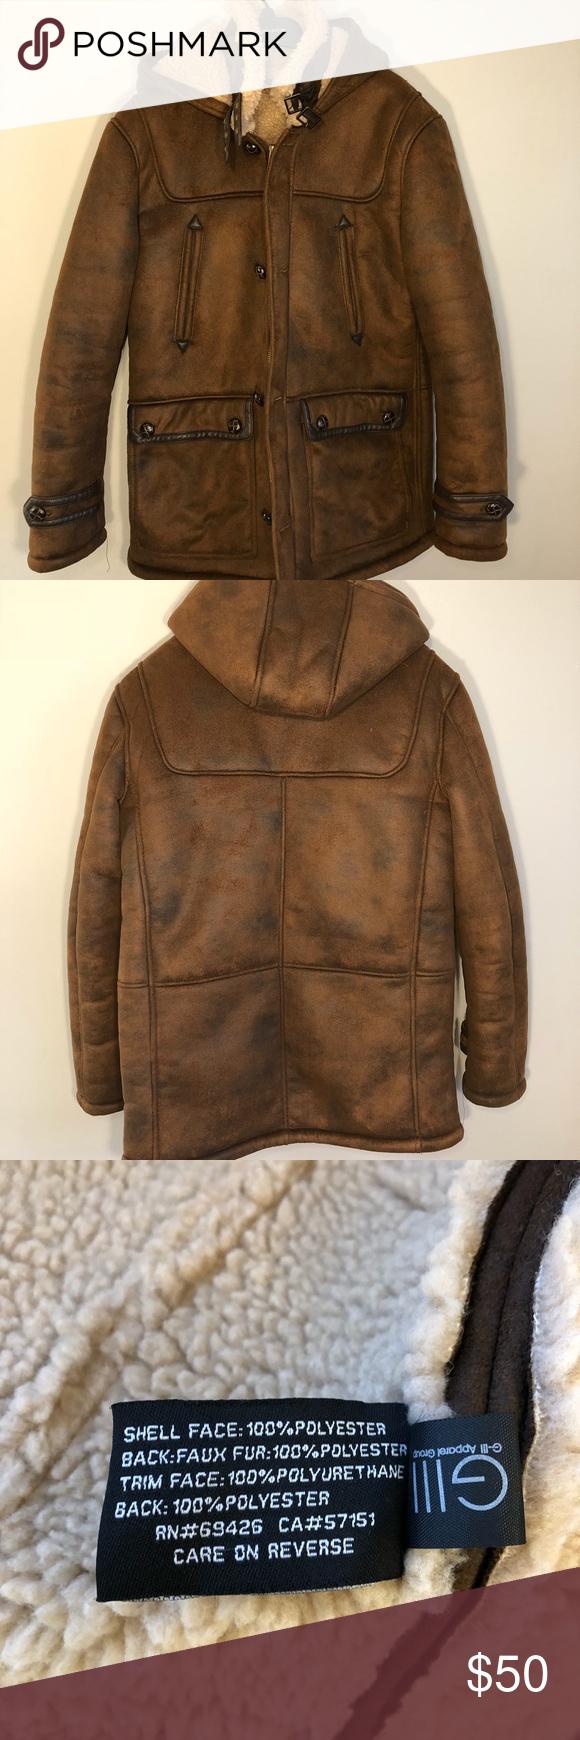 Wilson's leather bomber jacket Leather bomber jacket